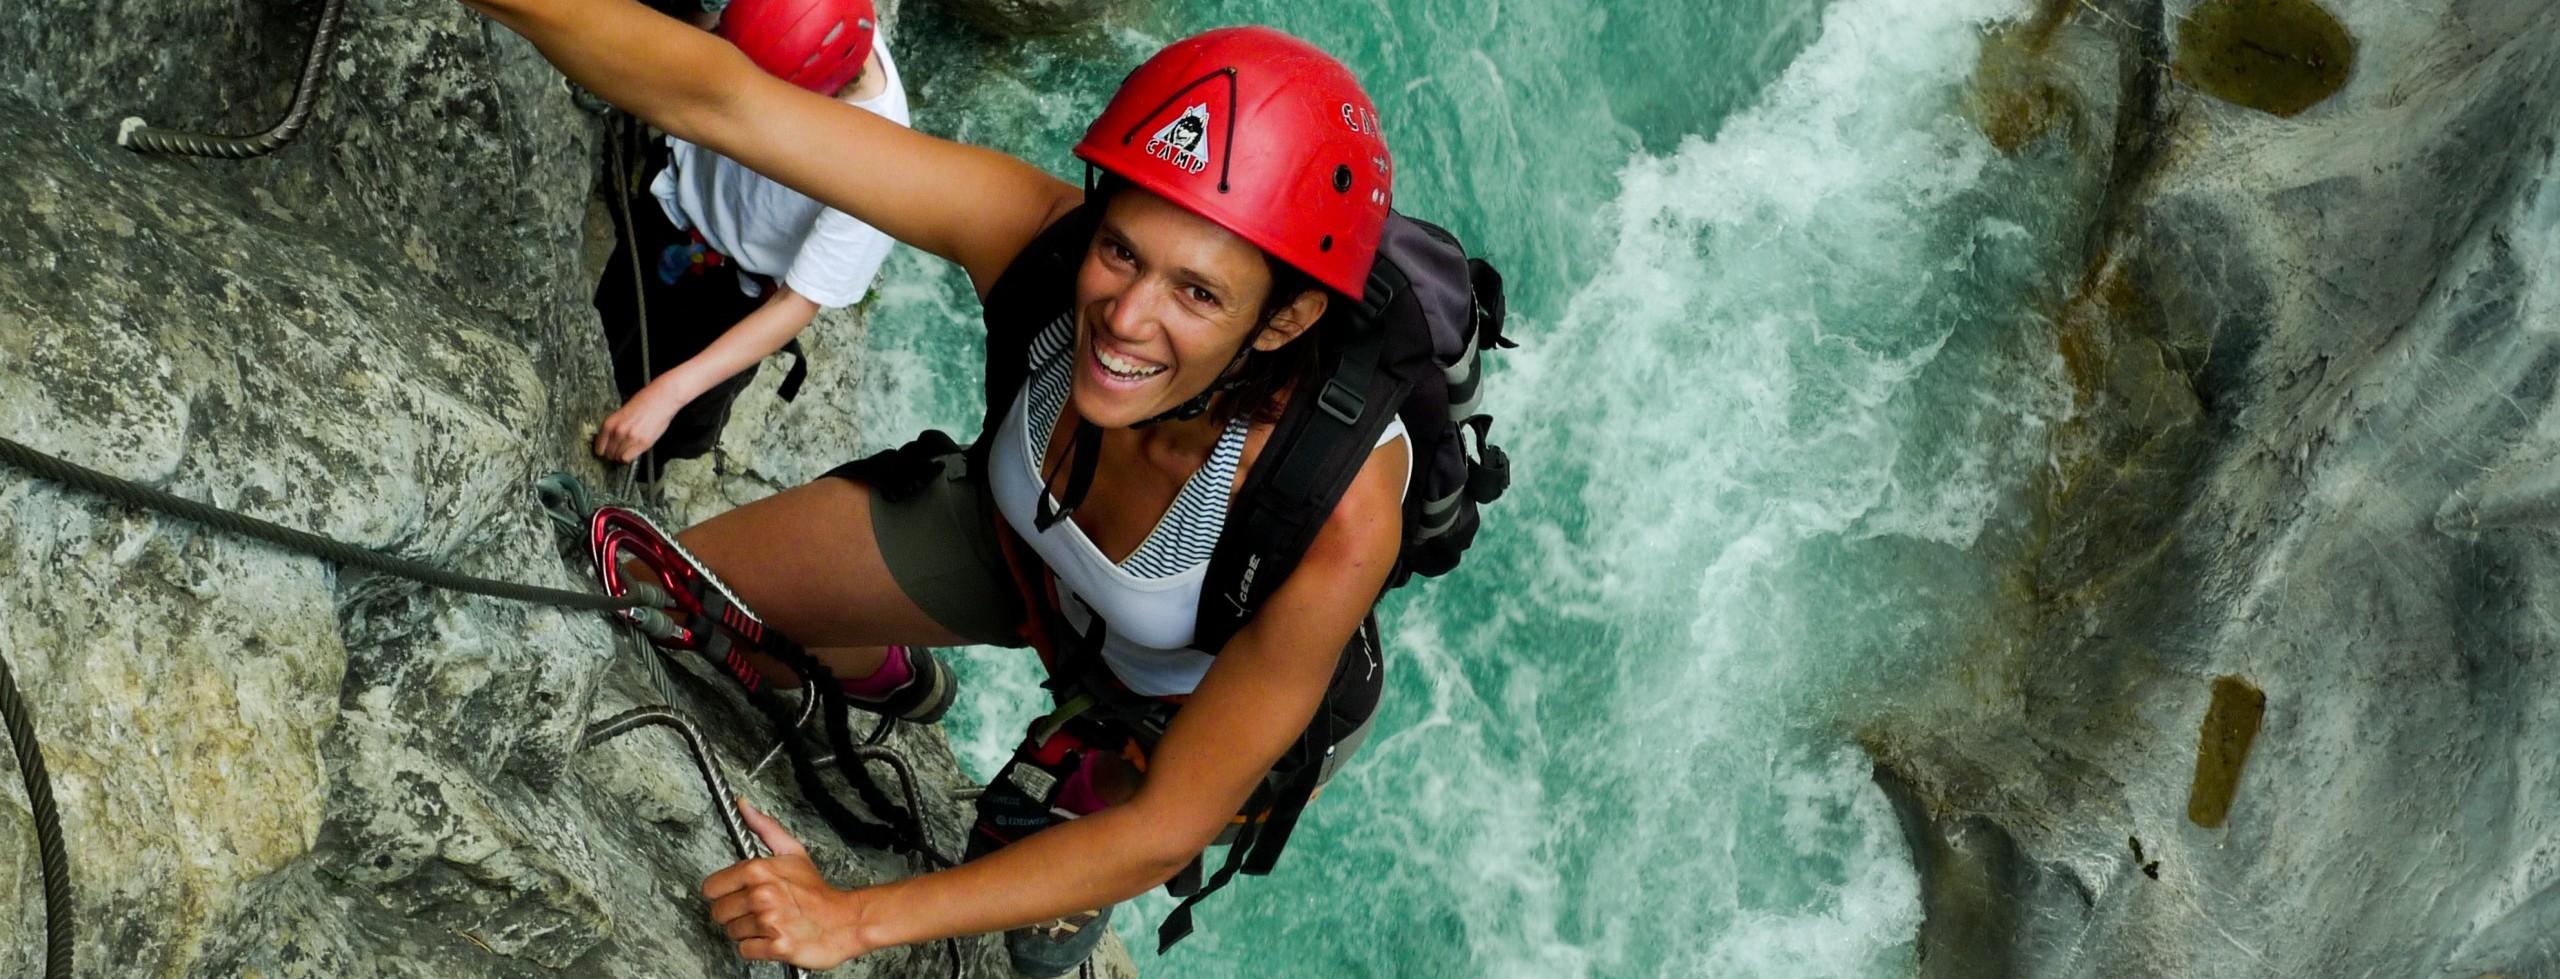 Vos envie de montagne avec Antonin, guide de montagne et canyon dans le 05.